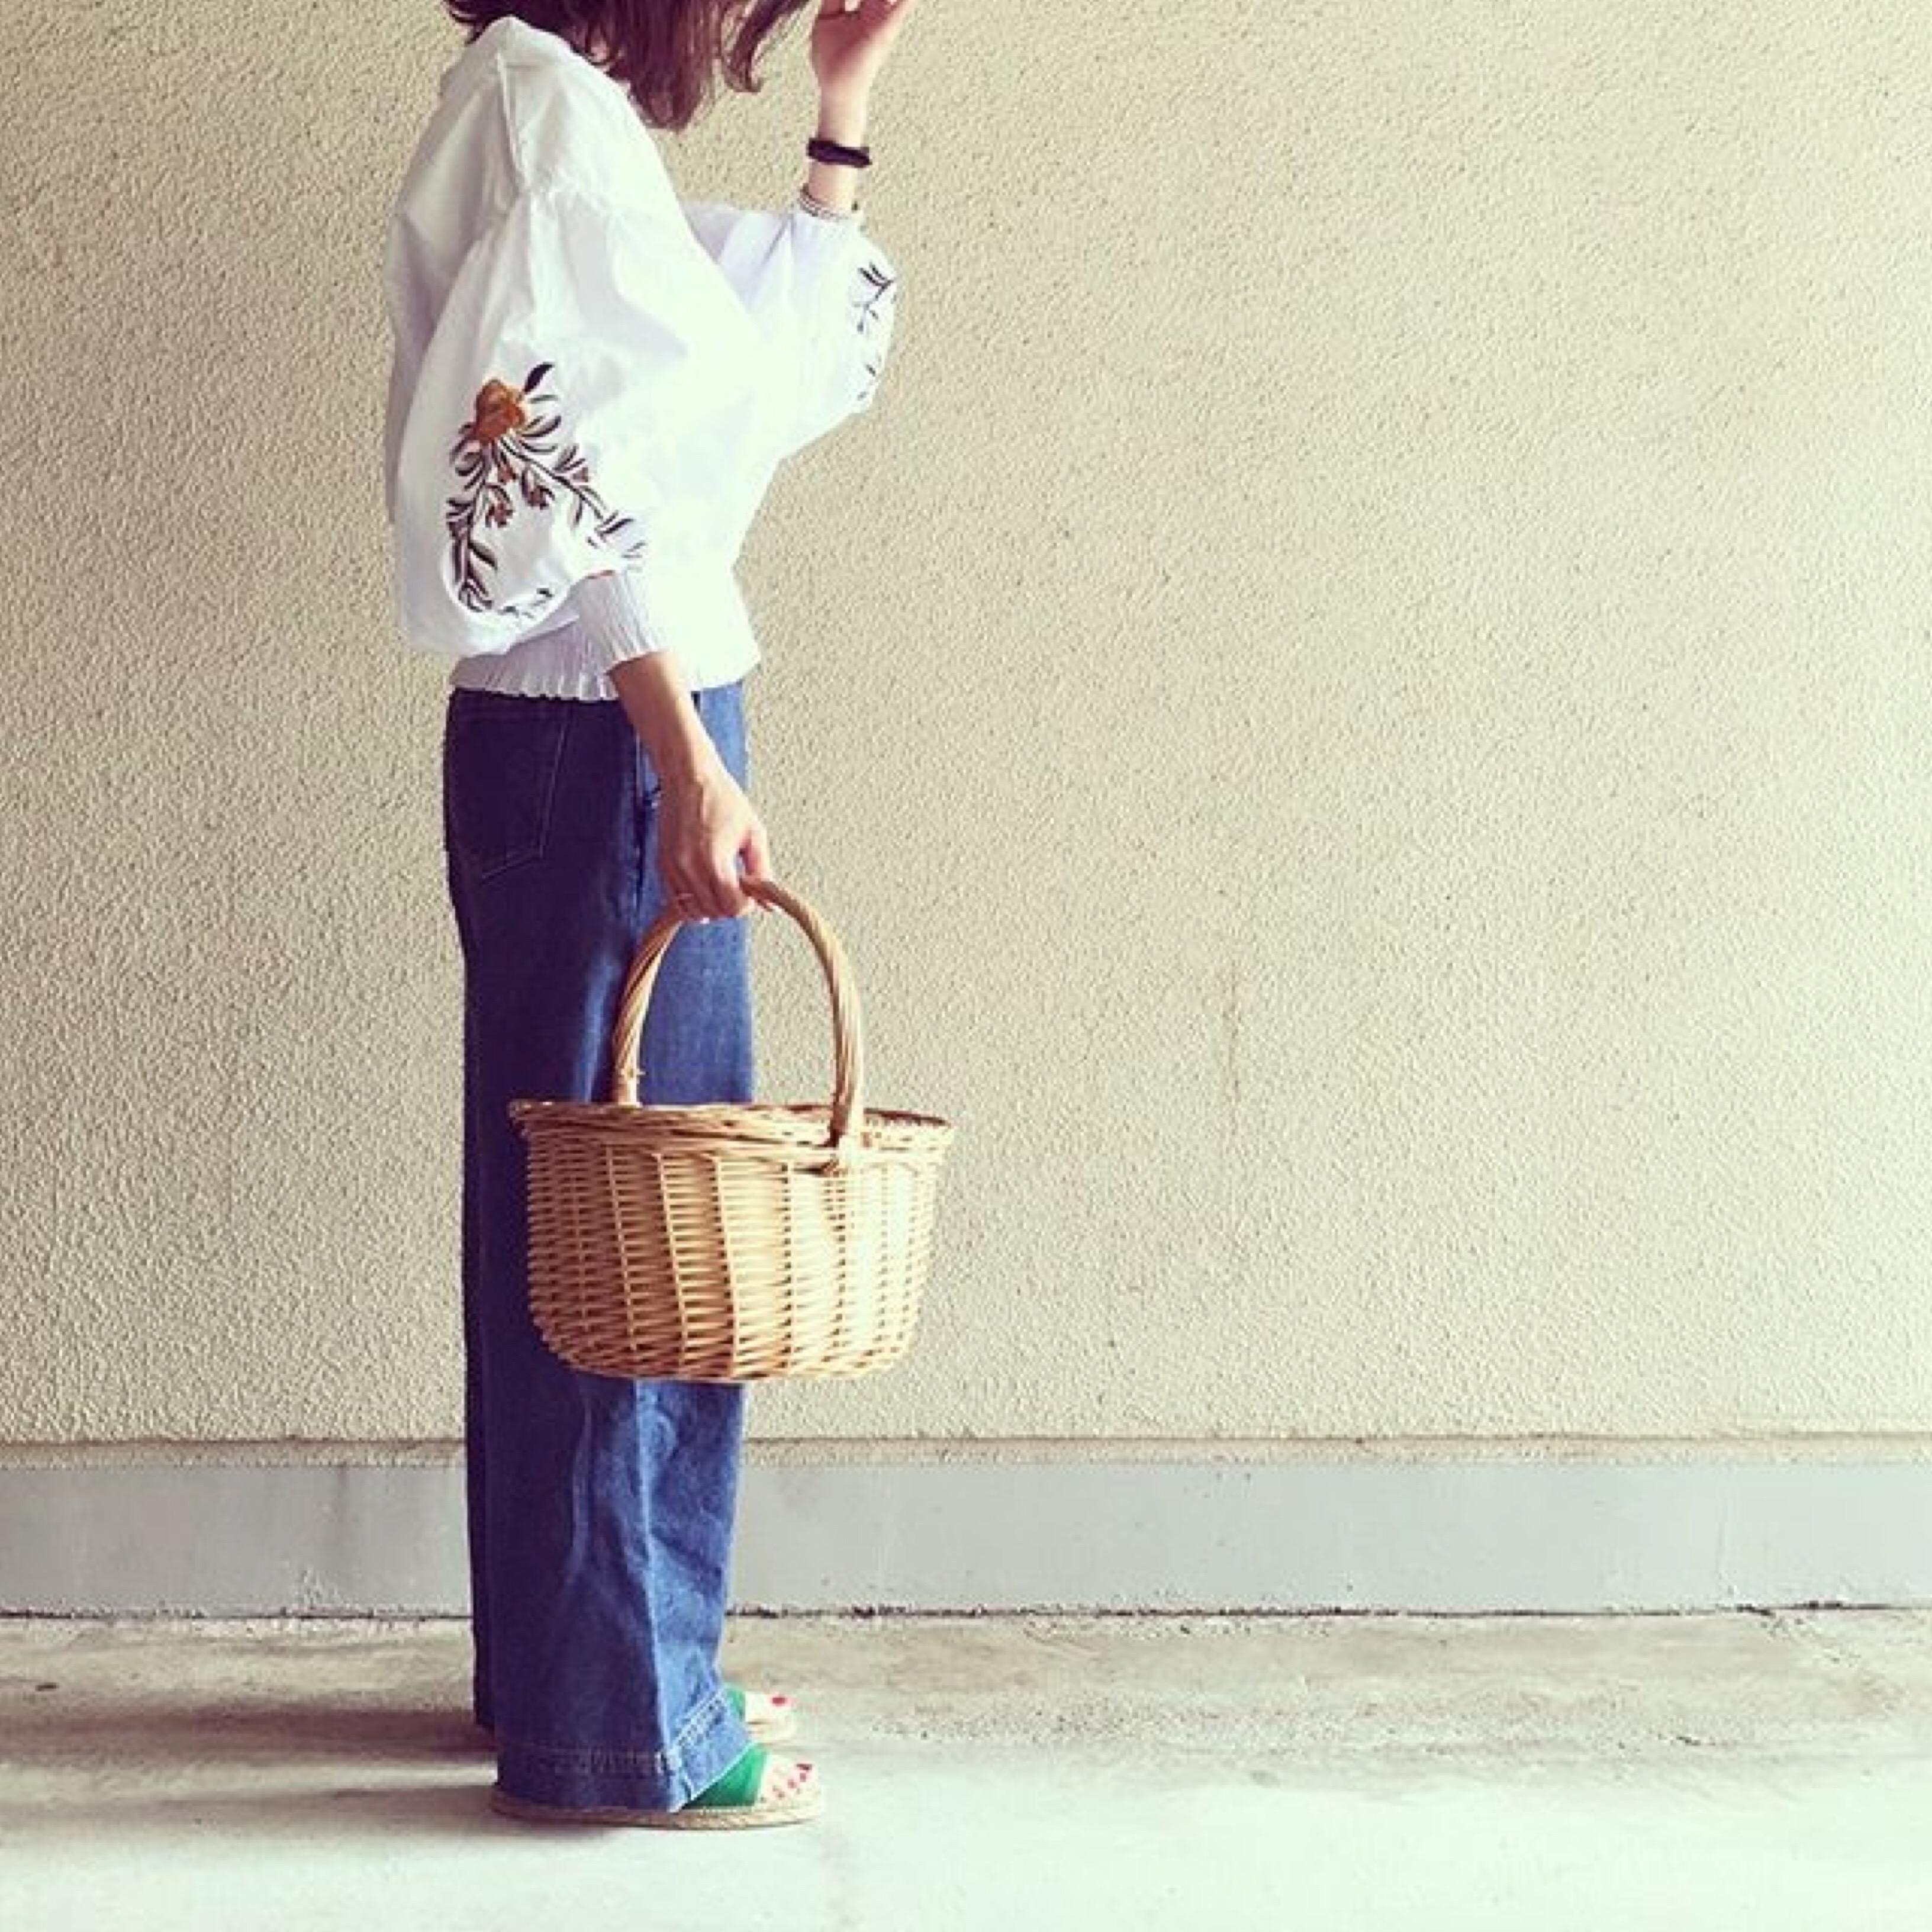 【MINESスナップ】ワンポイント刺繍で垢抜けカジュアル!